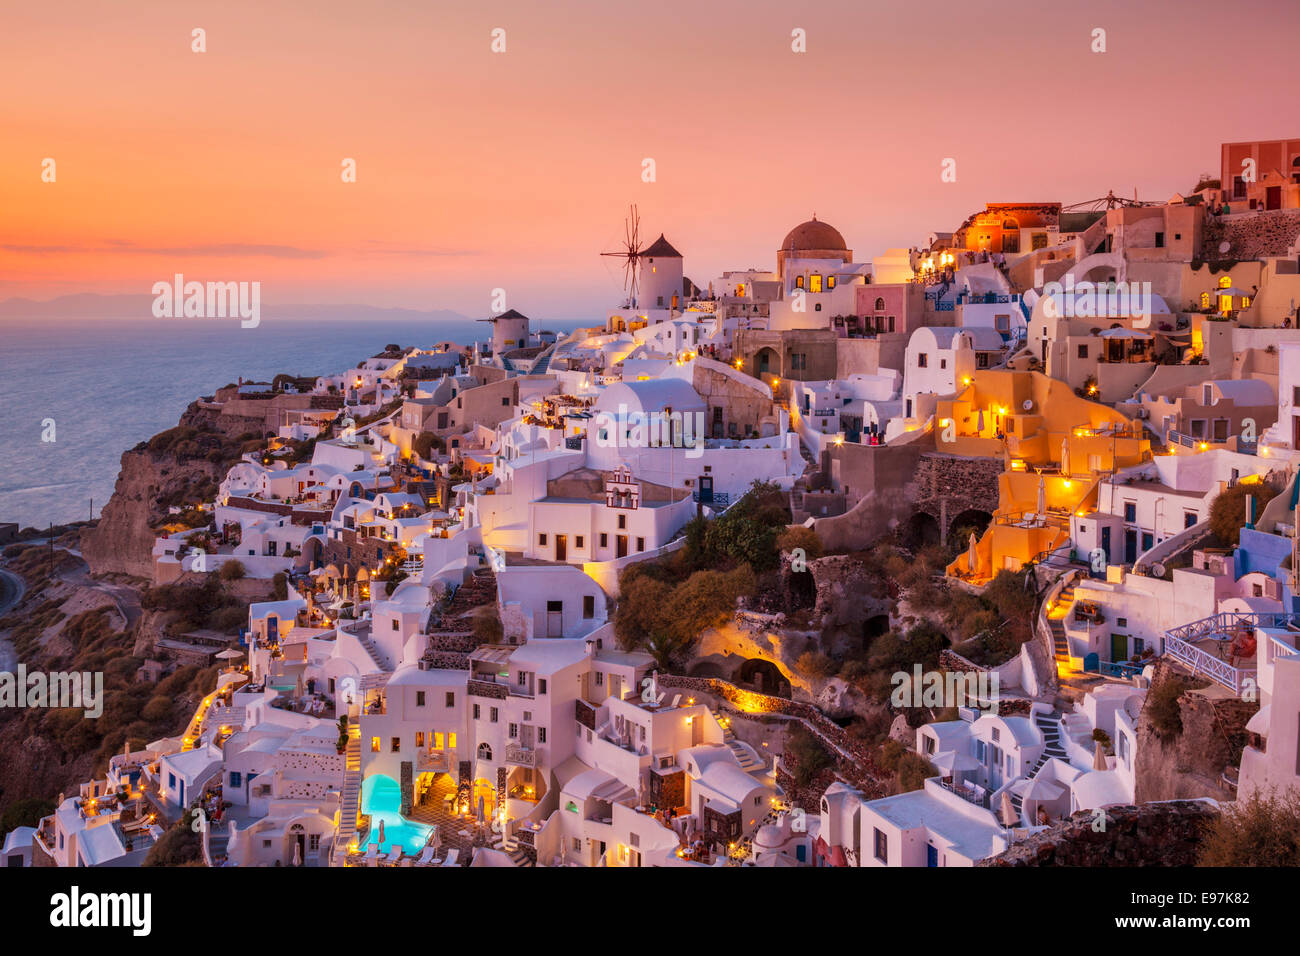 Windmühle & weiße Häuser bei Sonnenuntergang in das Dorf Oia, Santorini, Thira, Kykladen, griechische Stockbild